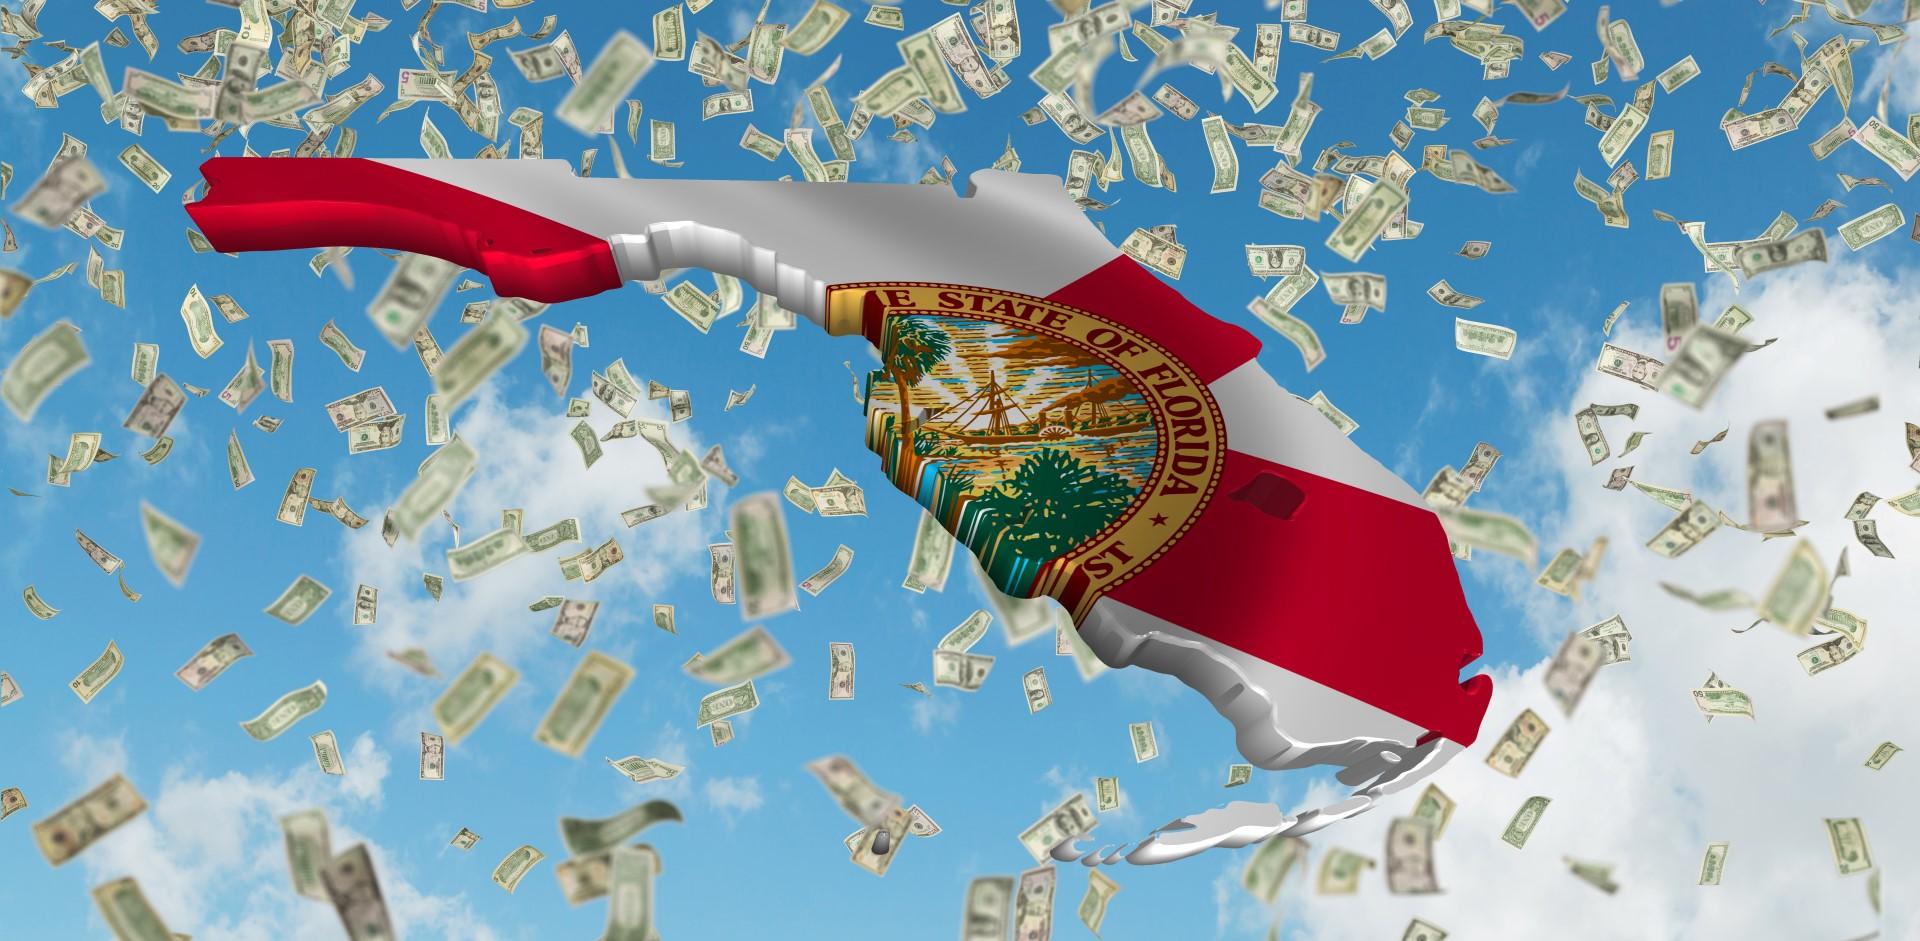 raining-dollar-bills-florida-edit-Large.jpg